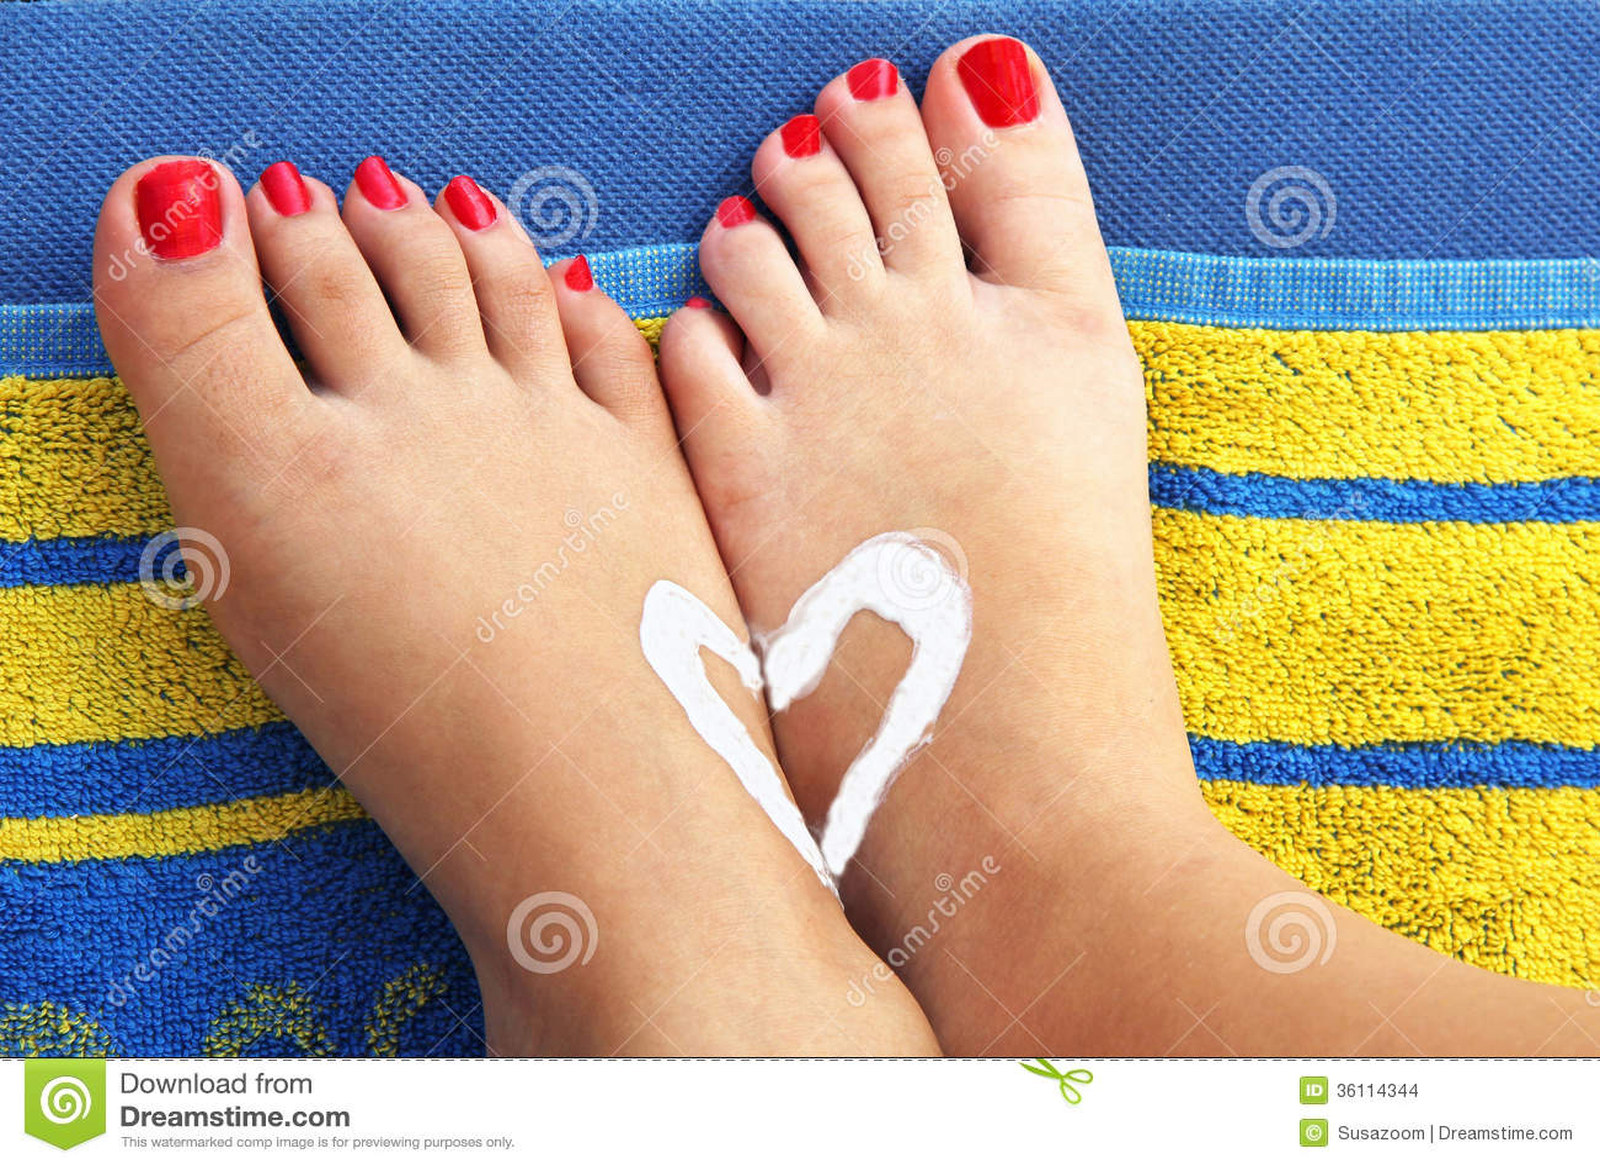 Pieds Dadolescentes Sur Une Serviette De Plage Avec Le Coeur De Sunlotion Photo Stock -4201